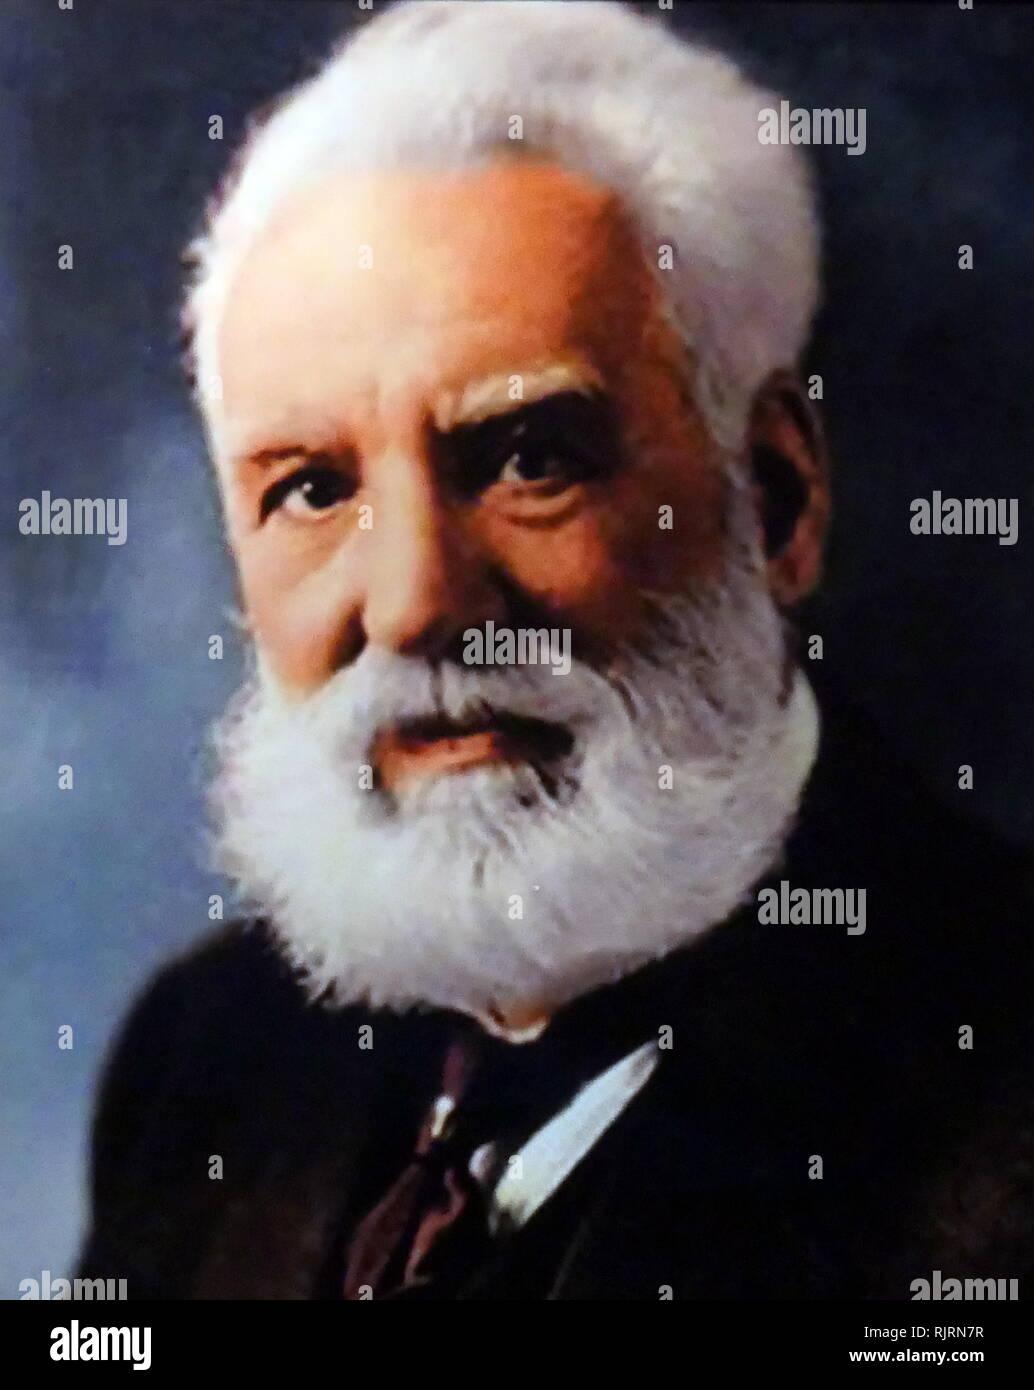 Alexander Graham Bell (1847 - 1922) Schottischer geborene Wissenschaftler, Erfinder, Ingenieur und Erfinder, die Erfindung und Patentierung des ersten praktischen Telefon gutgeschrieben wird. Stockbild